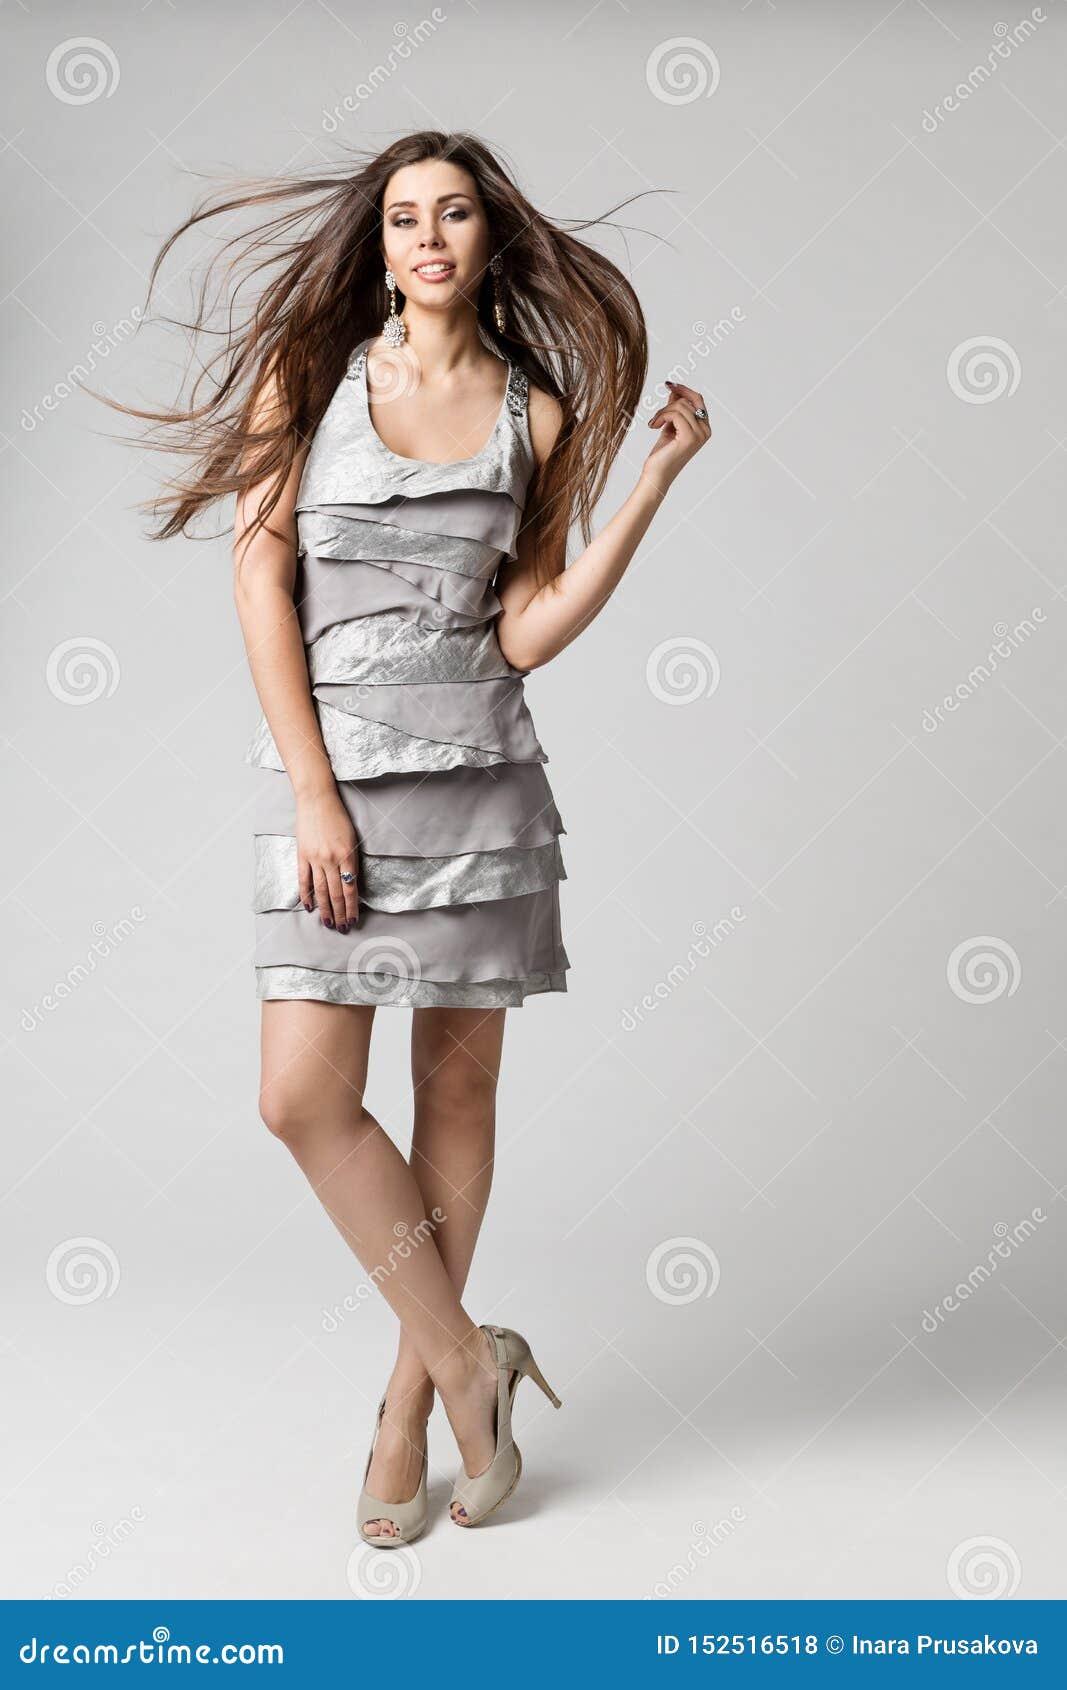 Mannequin Long Hair Fluttering op Wind, Zilveren Kleding, Portret van de de Studioschoonheid van de Vrouwen het Volledige Lengte